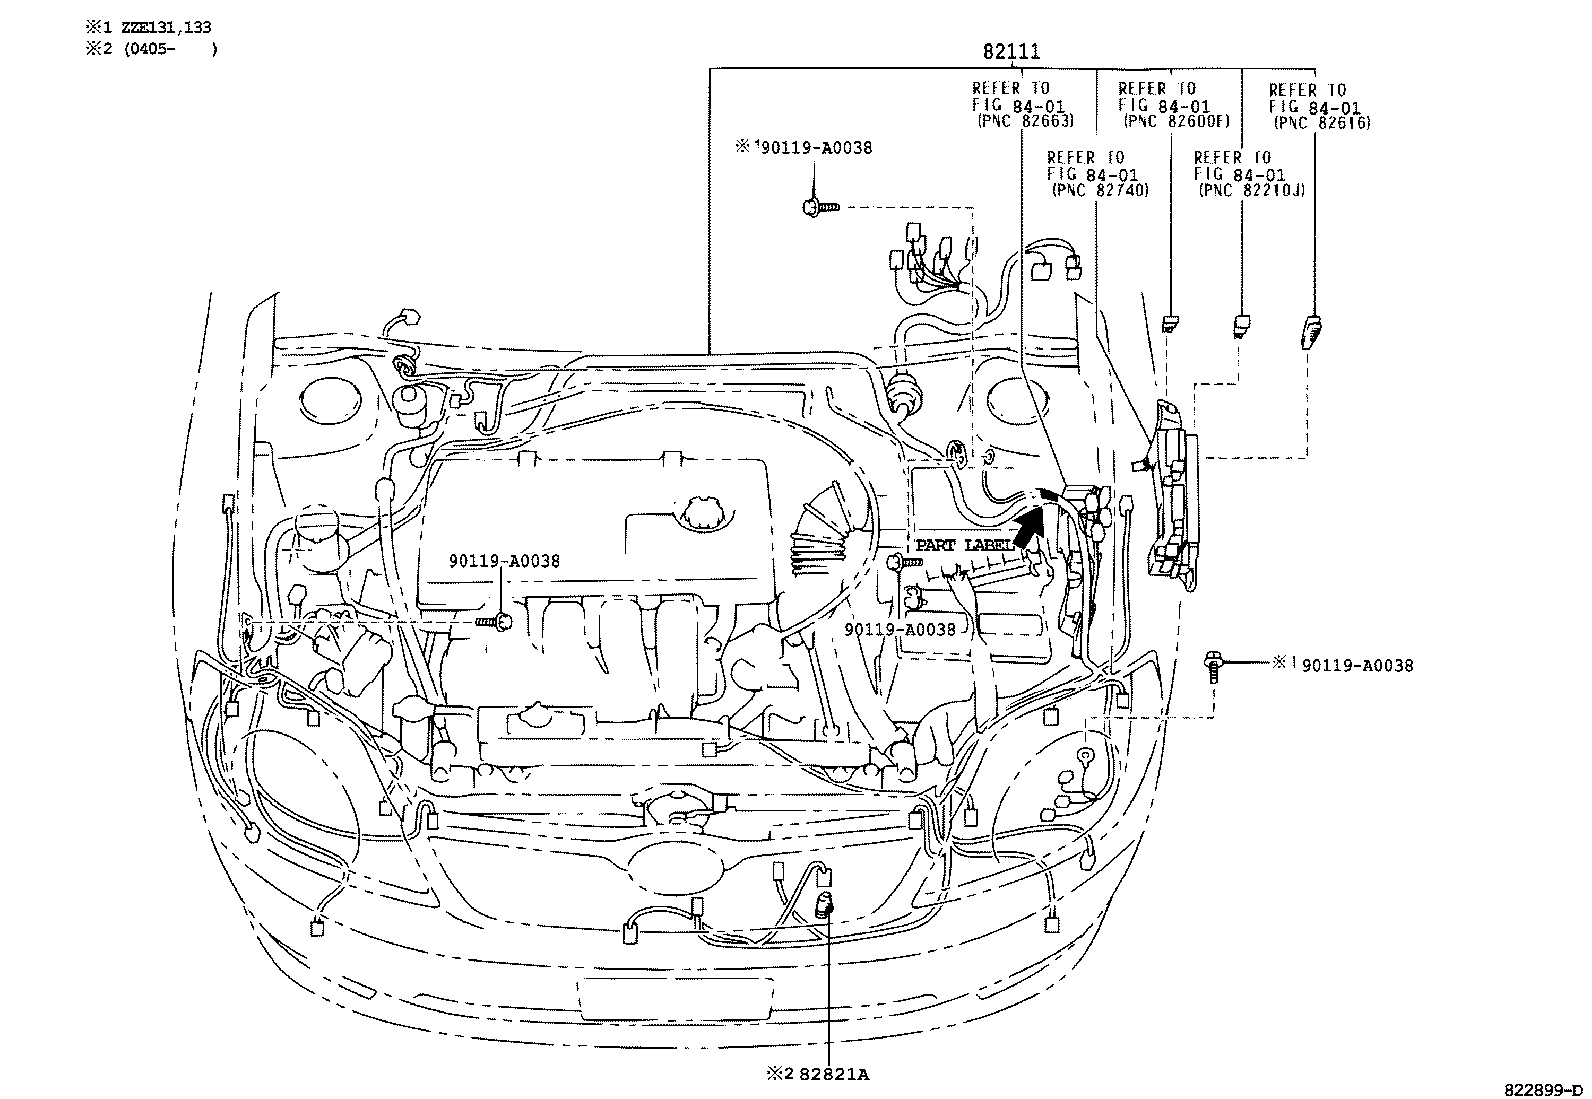 toyota corolla matrix napzze130l-depnka - electrical